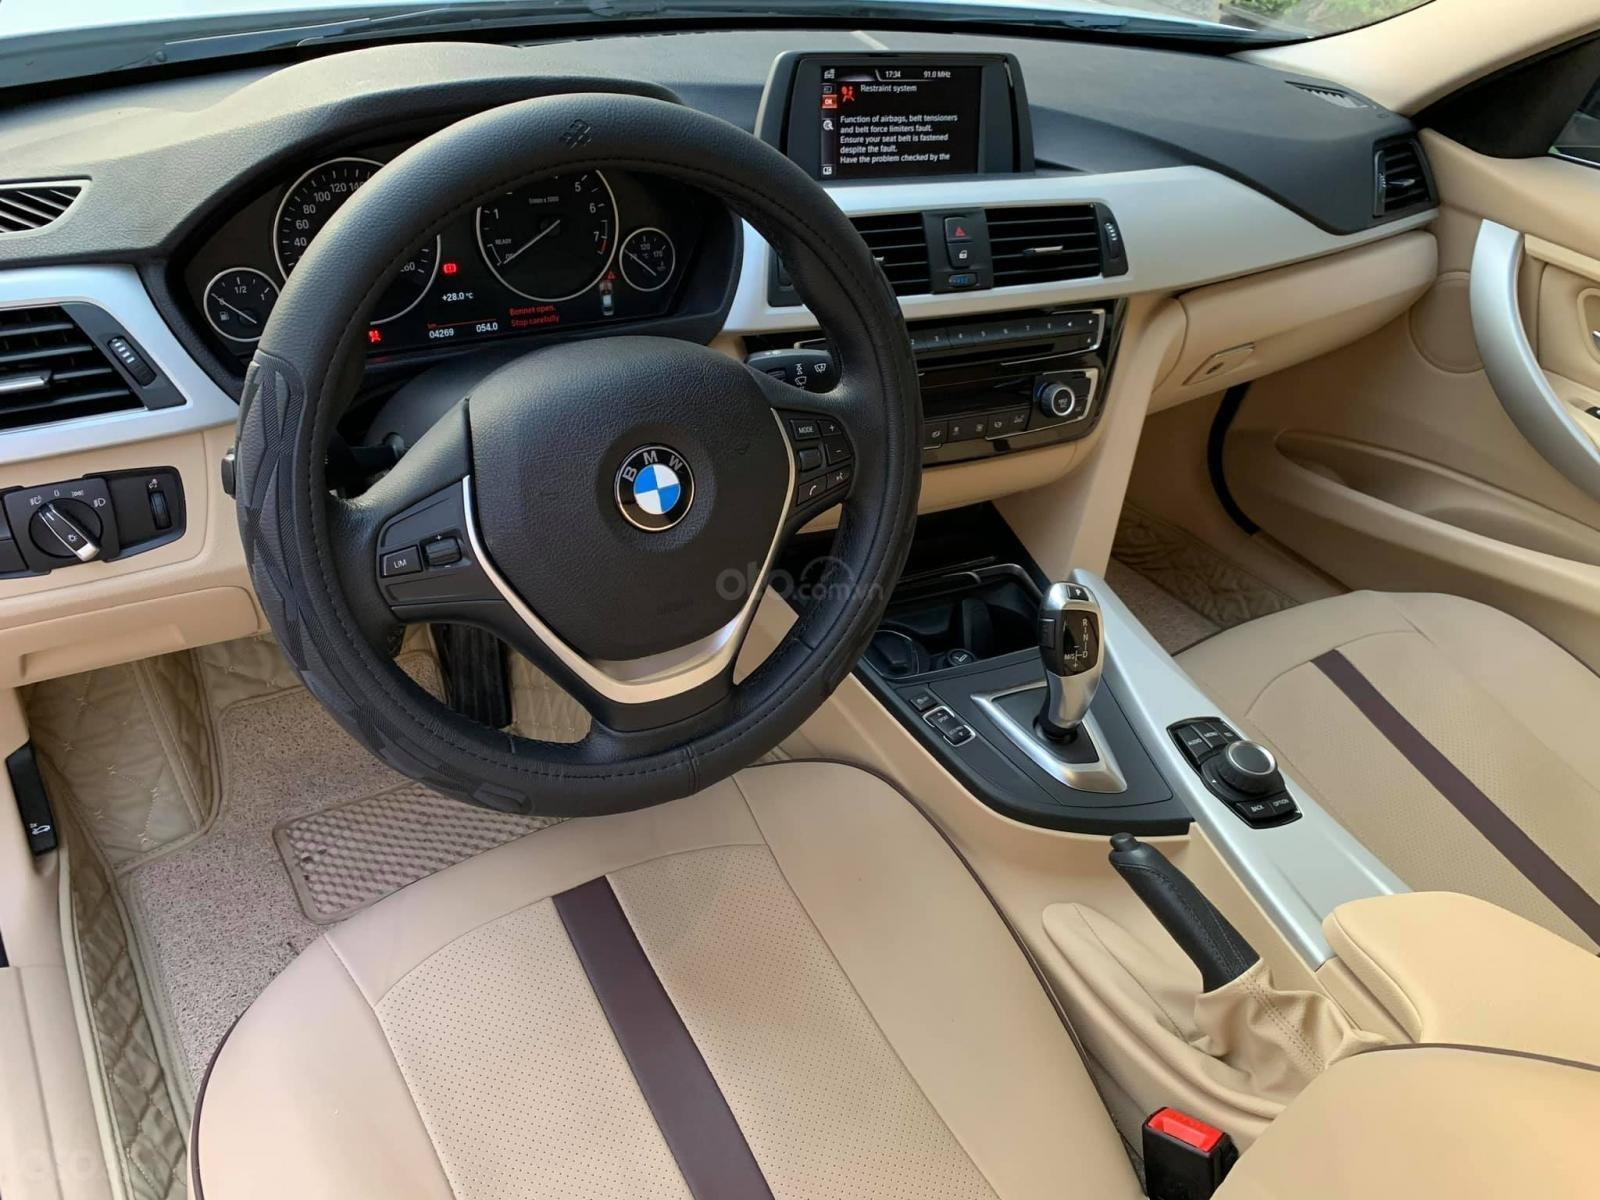 Bán BMW 320i CLI full LED model 2017, màu trắng, nội thất kem sang trọng và đầy phong cách (7)